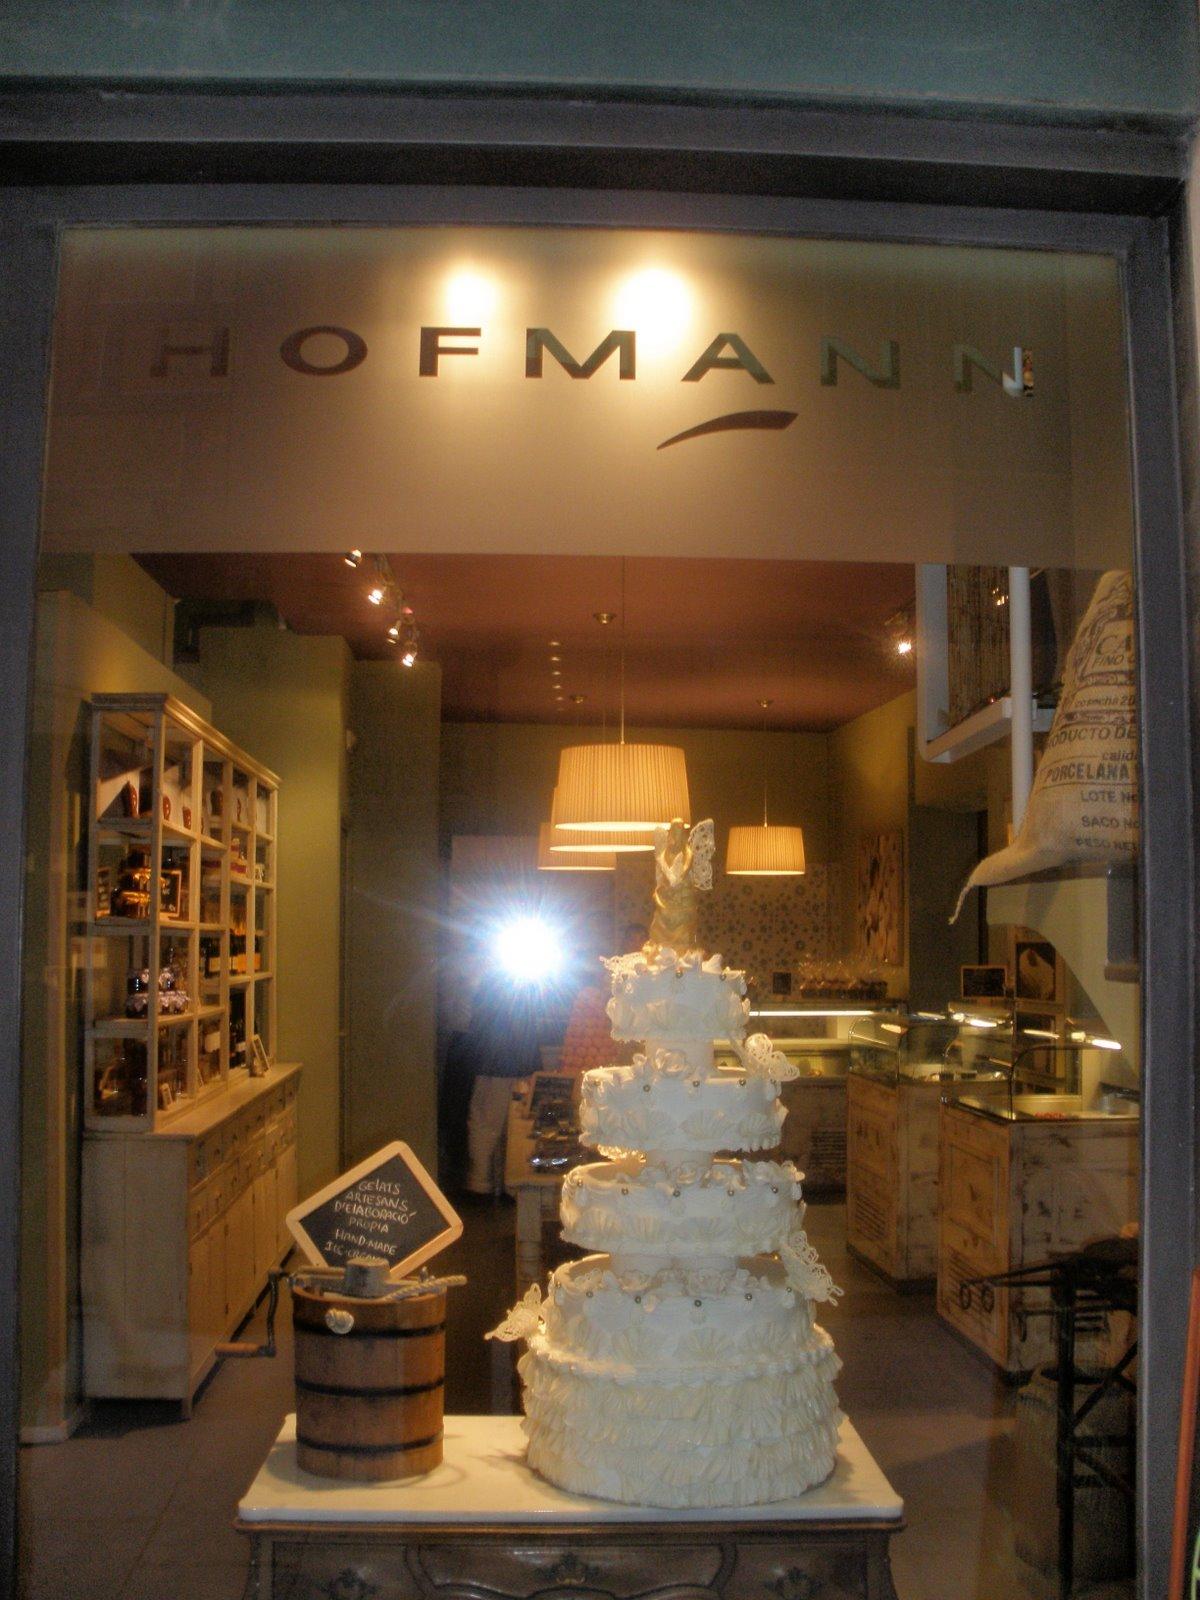 Hofmann pasteler a barcelona observaci n gastron mica 2 - Escuela cocina barcelona ...